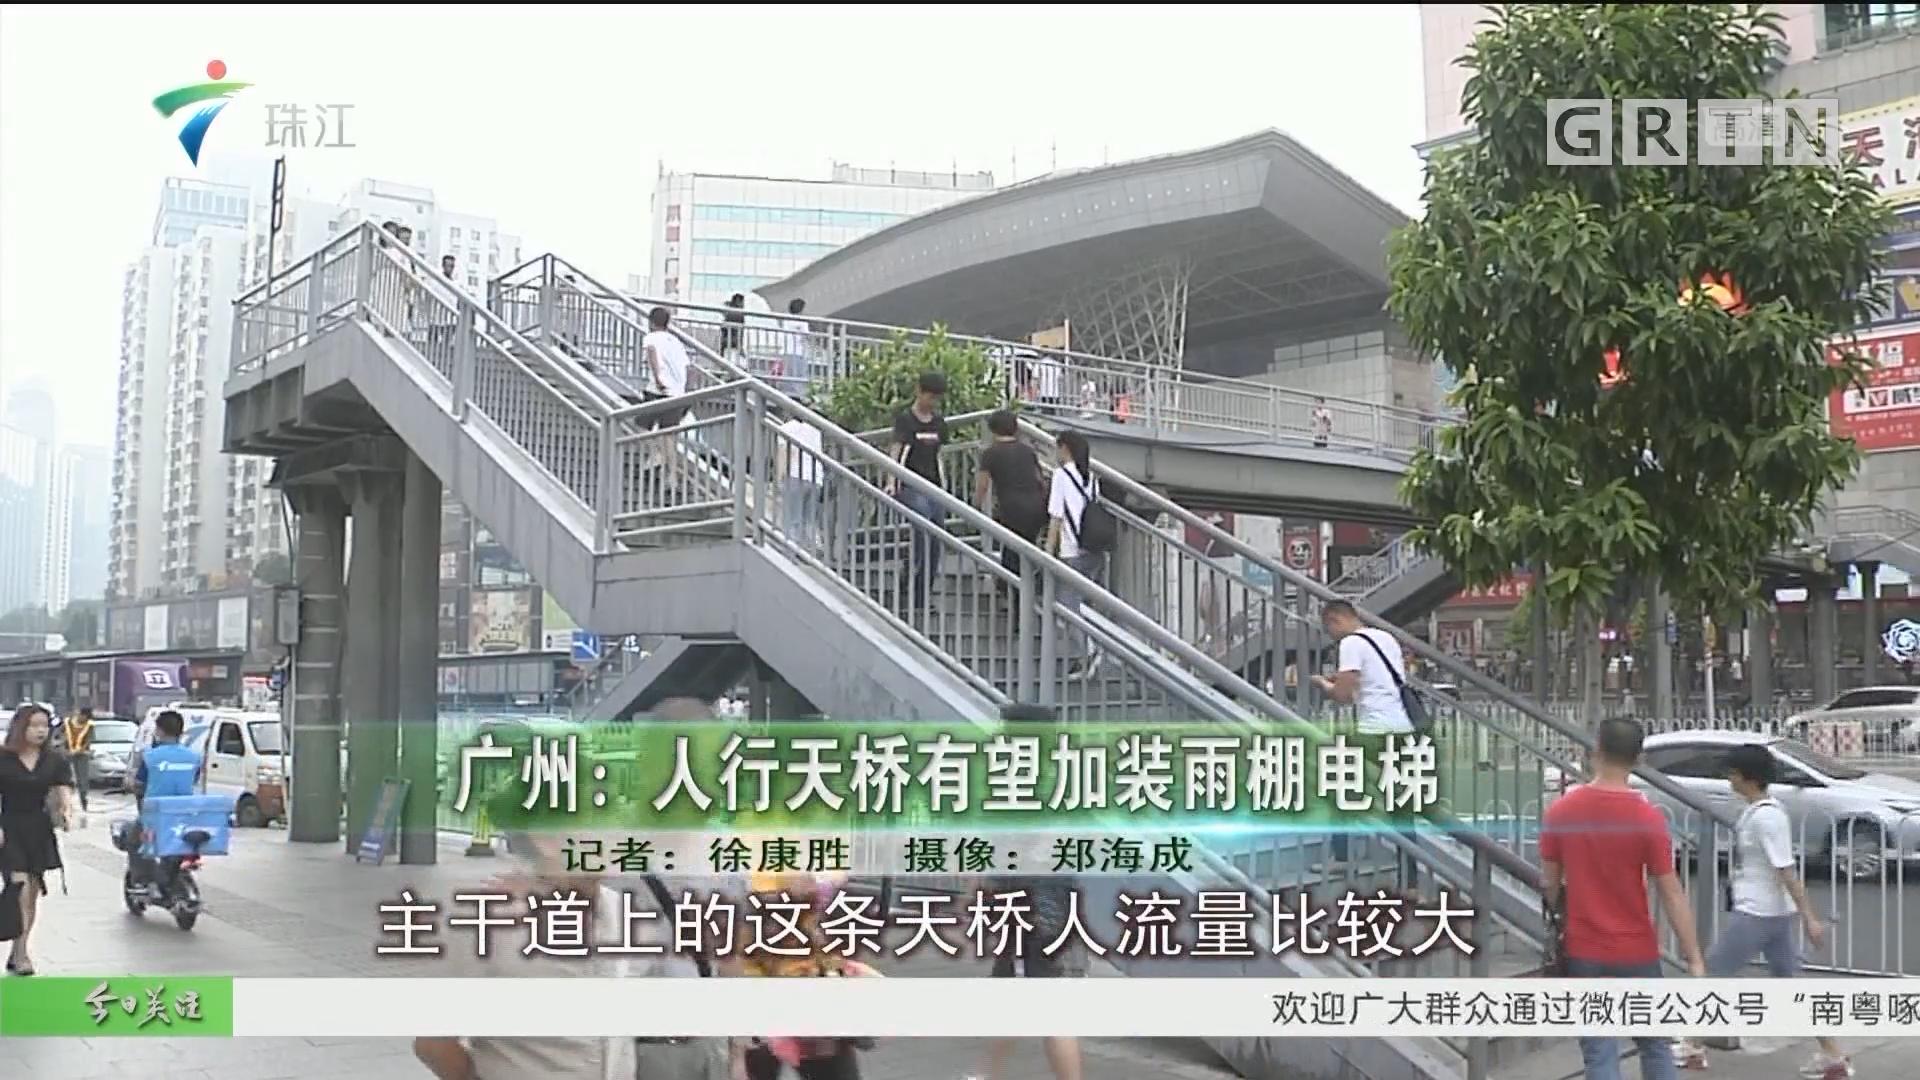 广州:人行天桥有望加装雨棚电梯